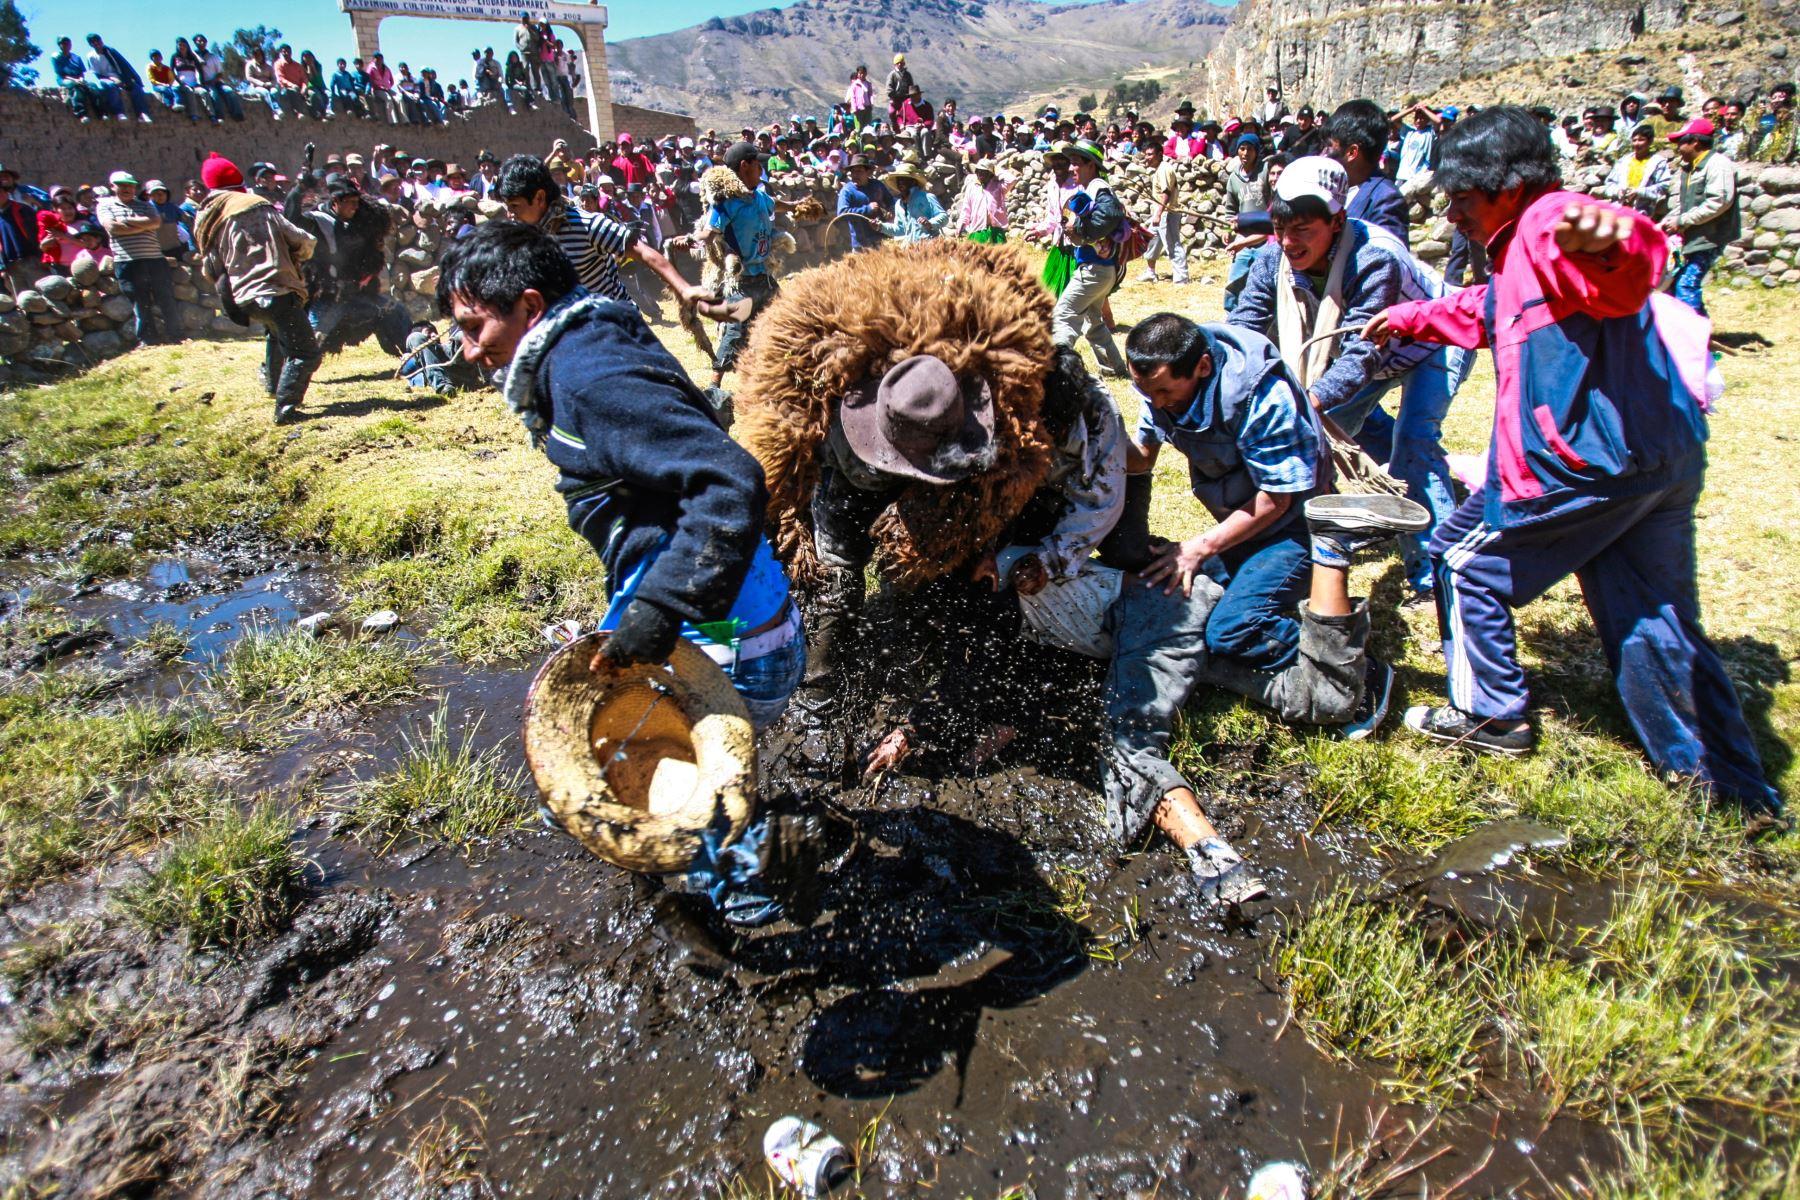 La festividad se celebra a fines de agosto en Andamarca, ubicado a 3,500 metros sobre el nivel del mar. Las comunidades participantes se congregan en la laguna de Yarpu Cocha. Foto: ANDINA/Carlos Lezama